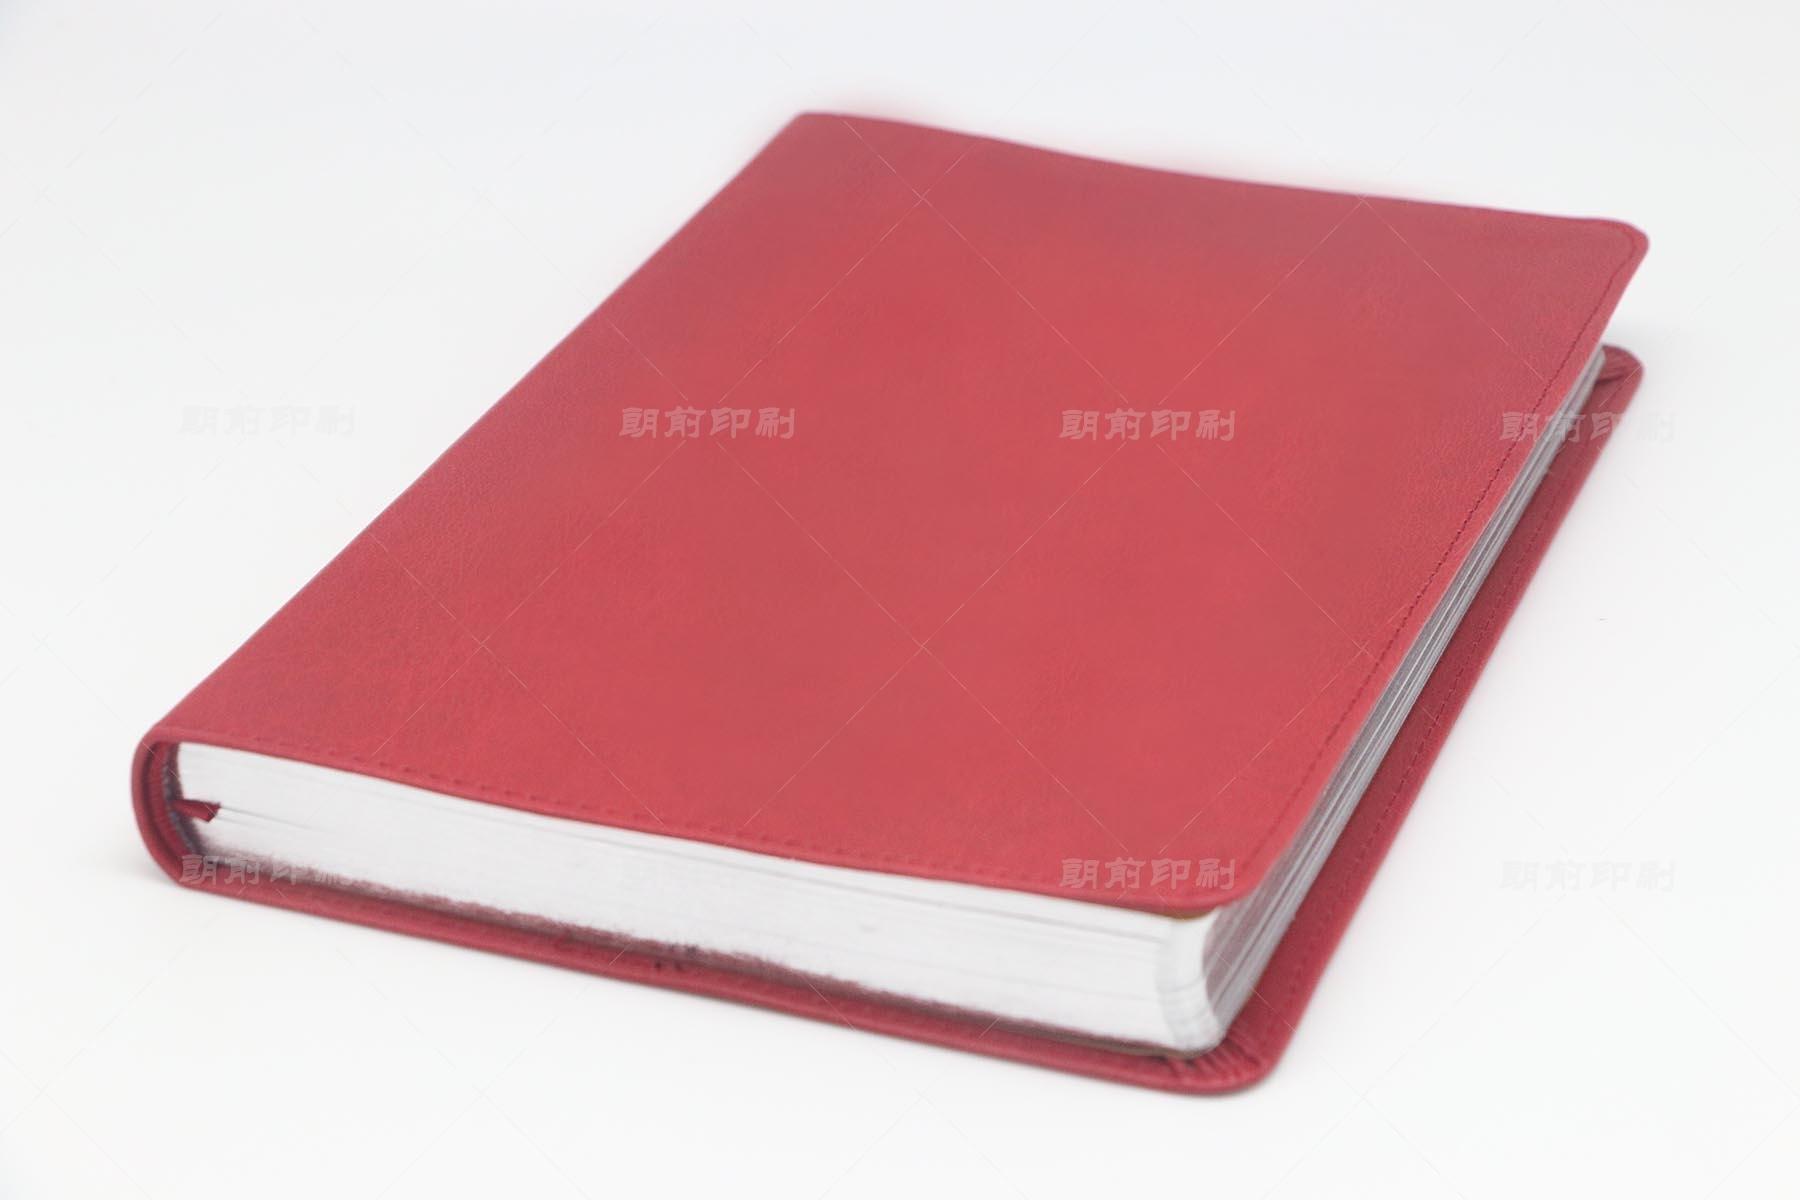 PG 软皮精装笔记本印刷